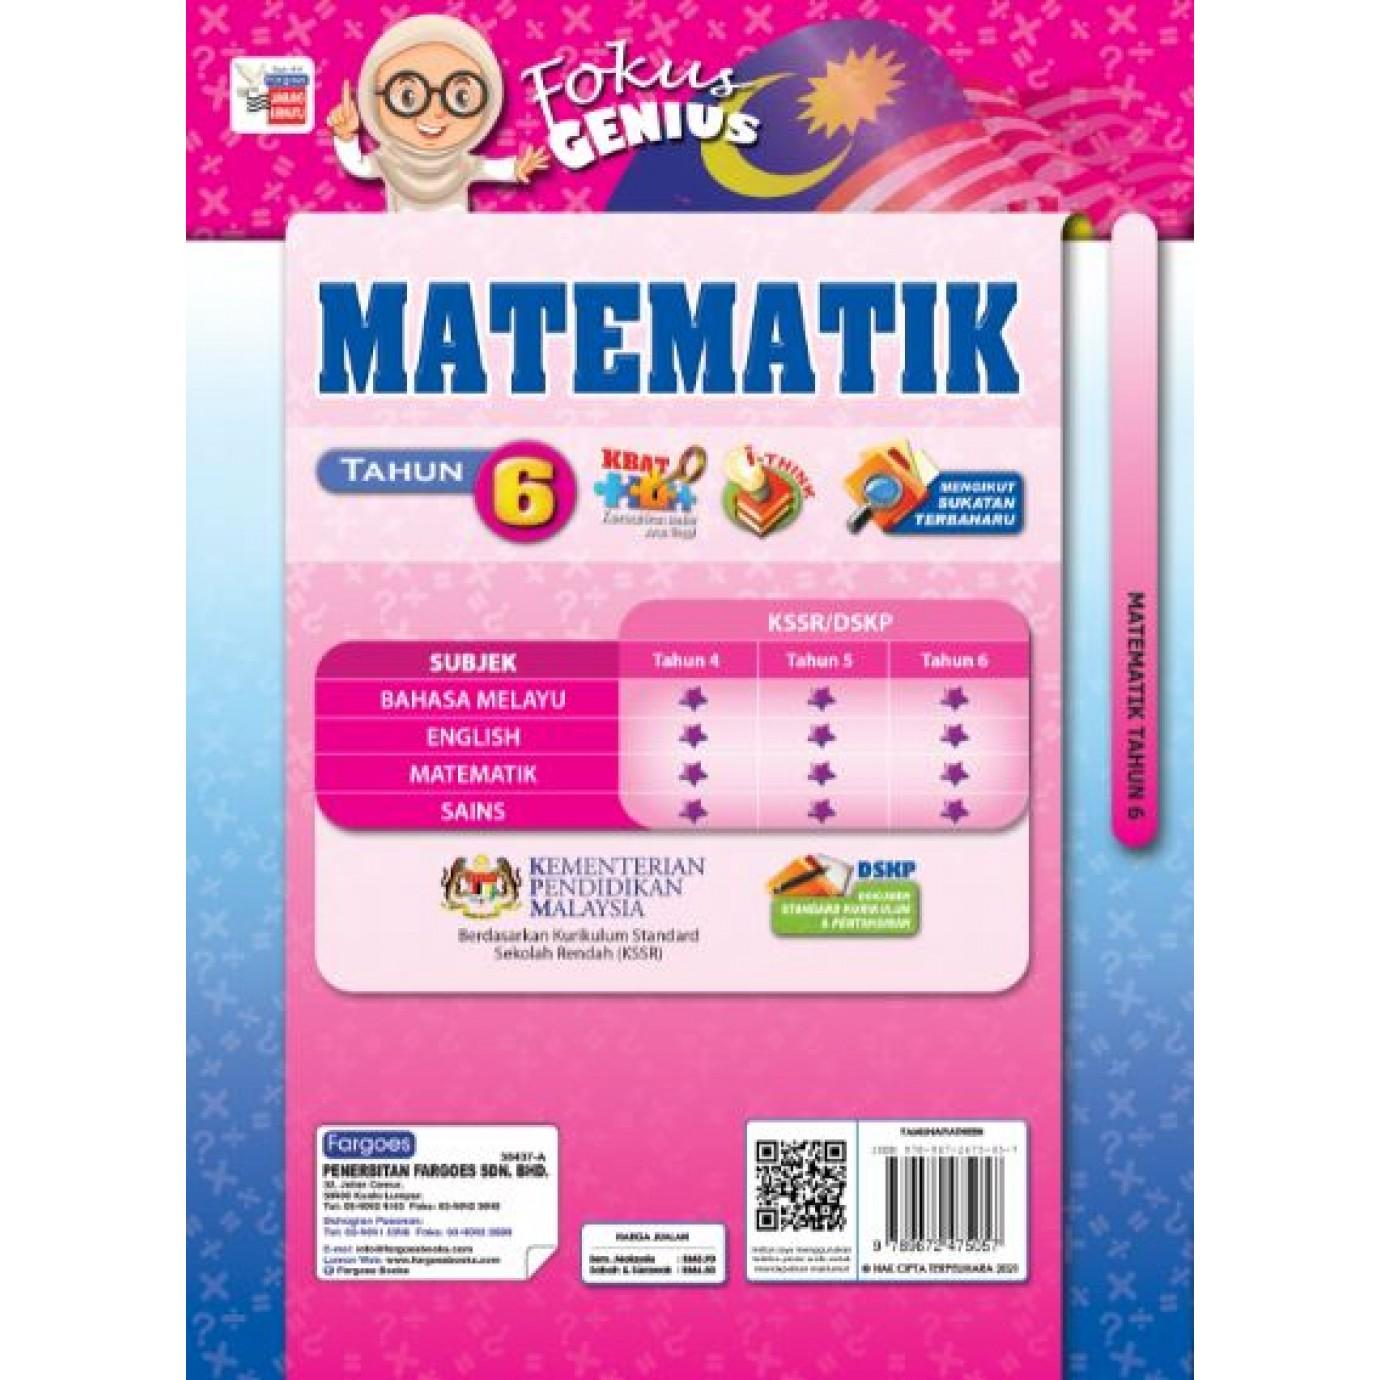 Fokus Genius Matematik (Tahun 6)